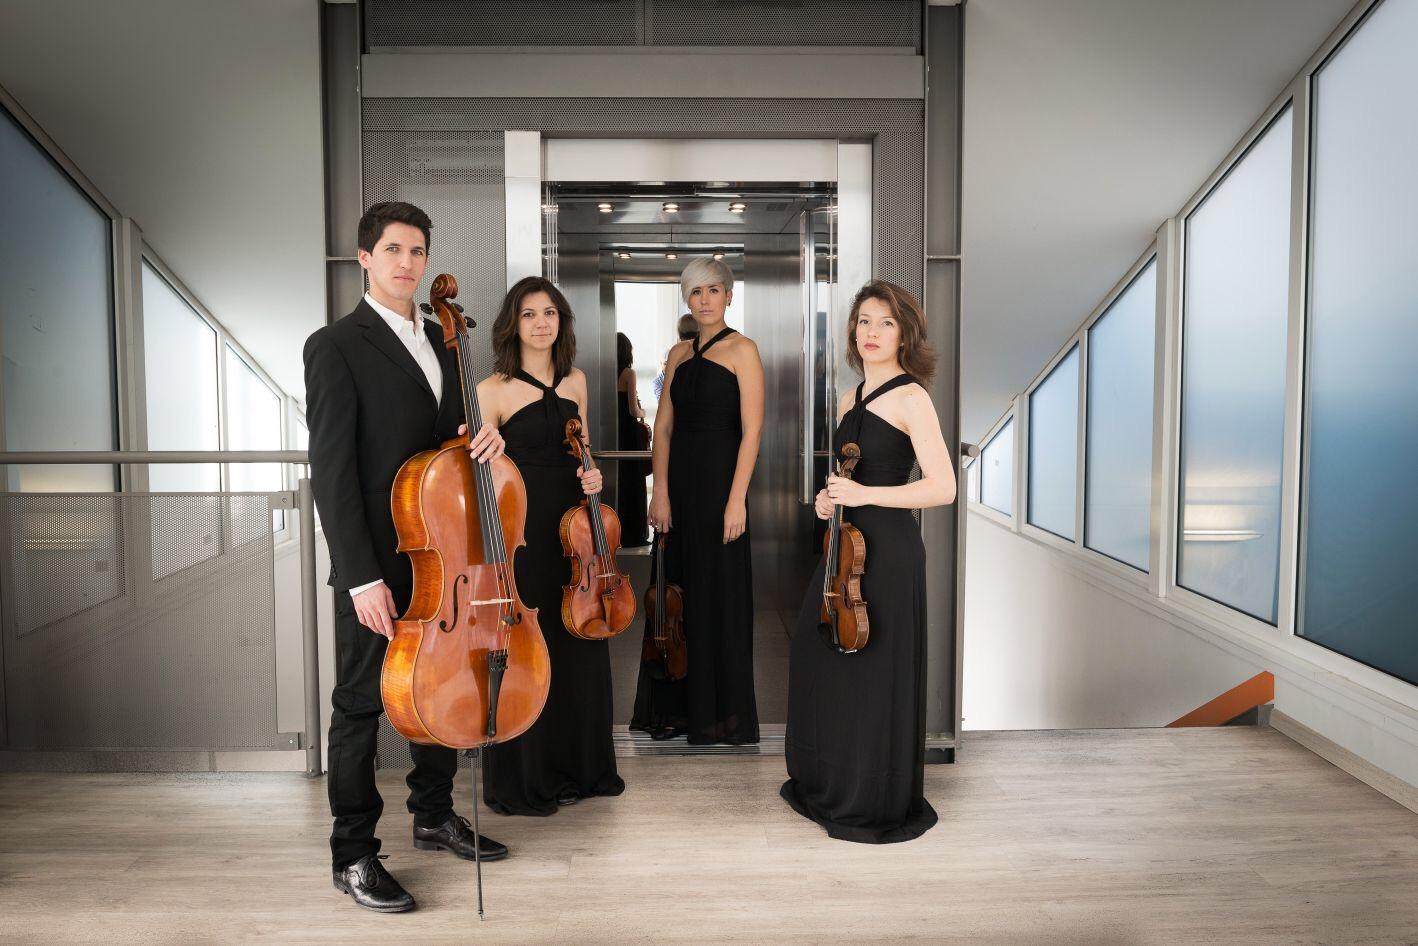 dimore quartetto echos 2